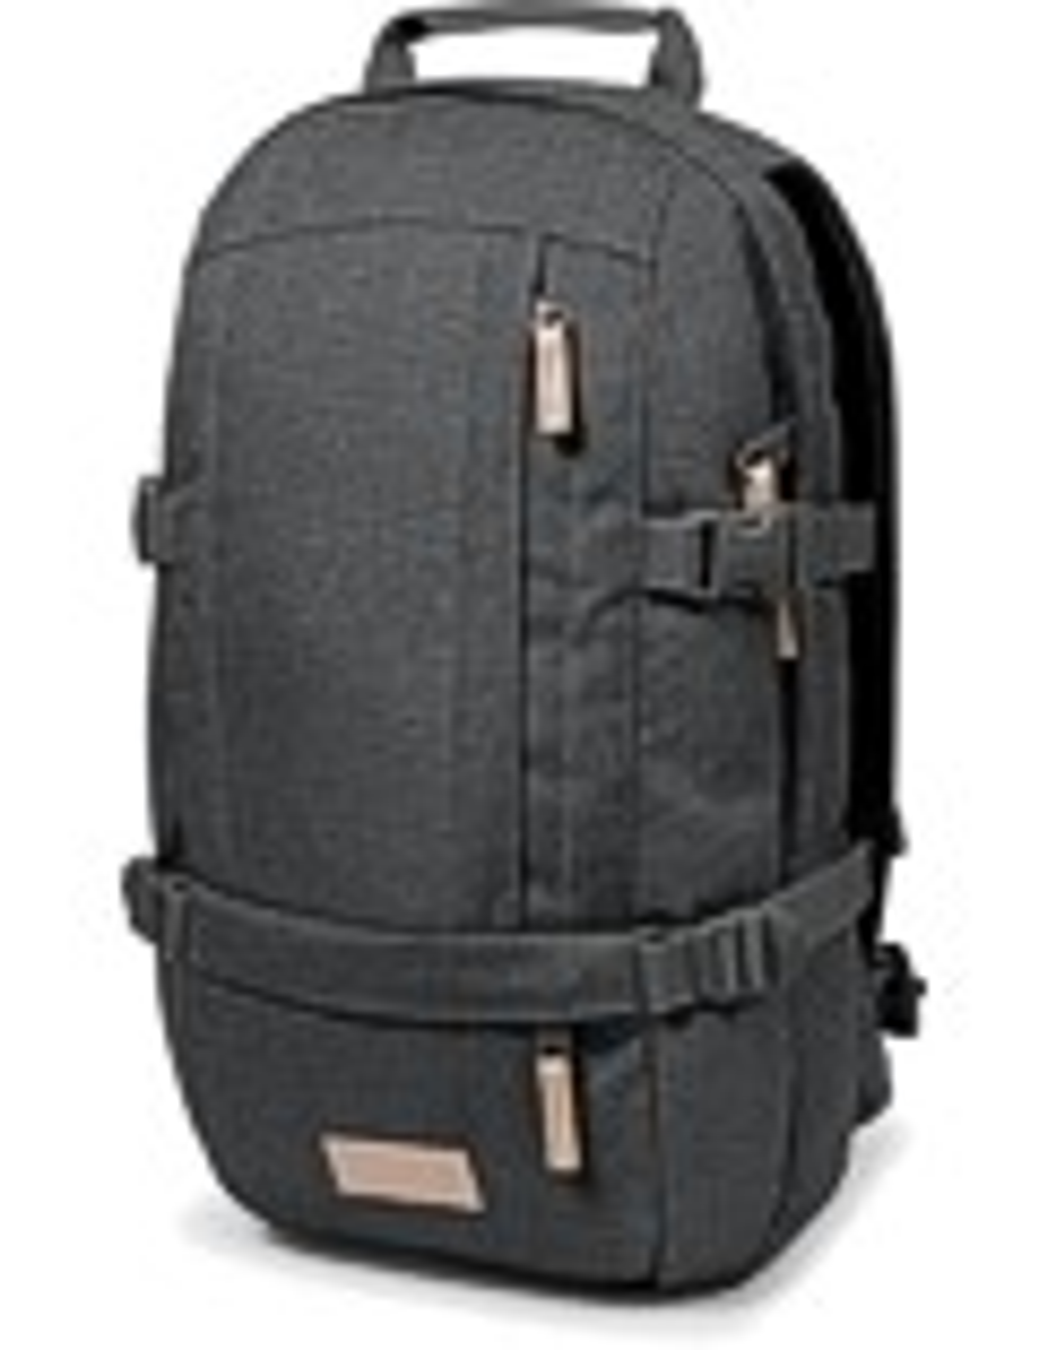 Eastpak Rucksack »Floid« mit Laptopfach Black Denim